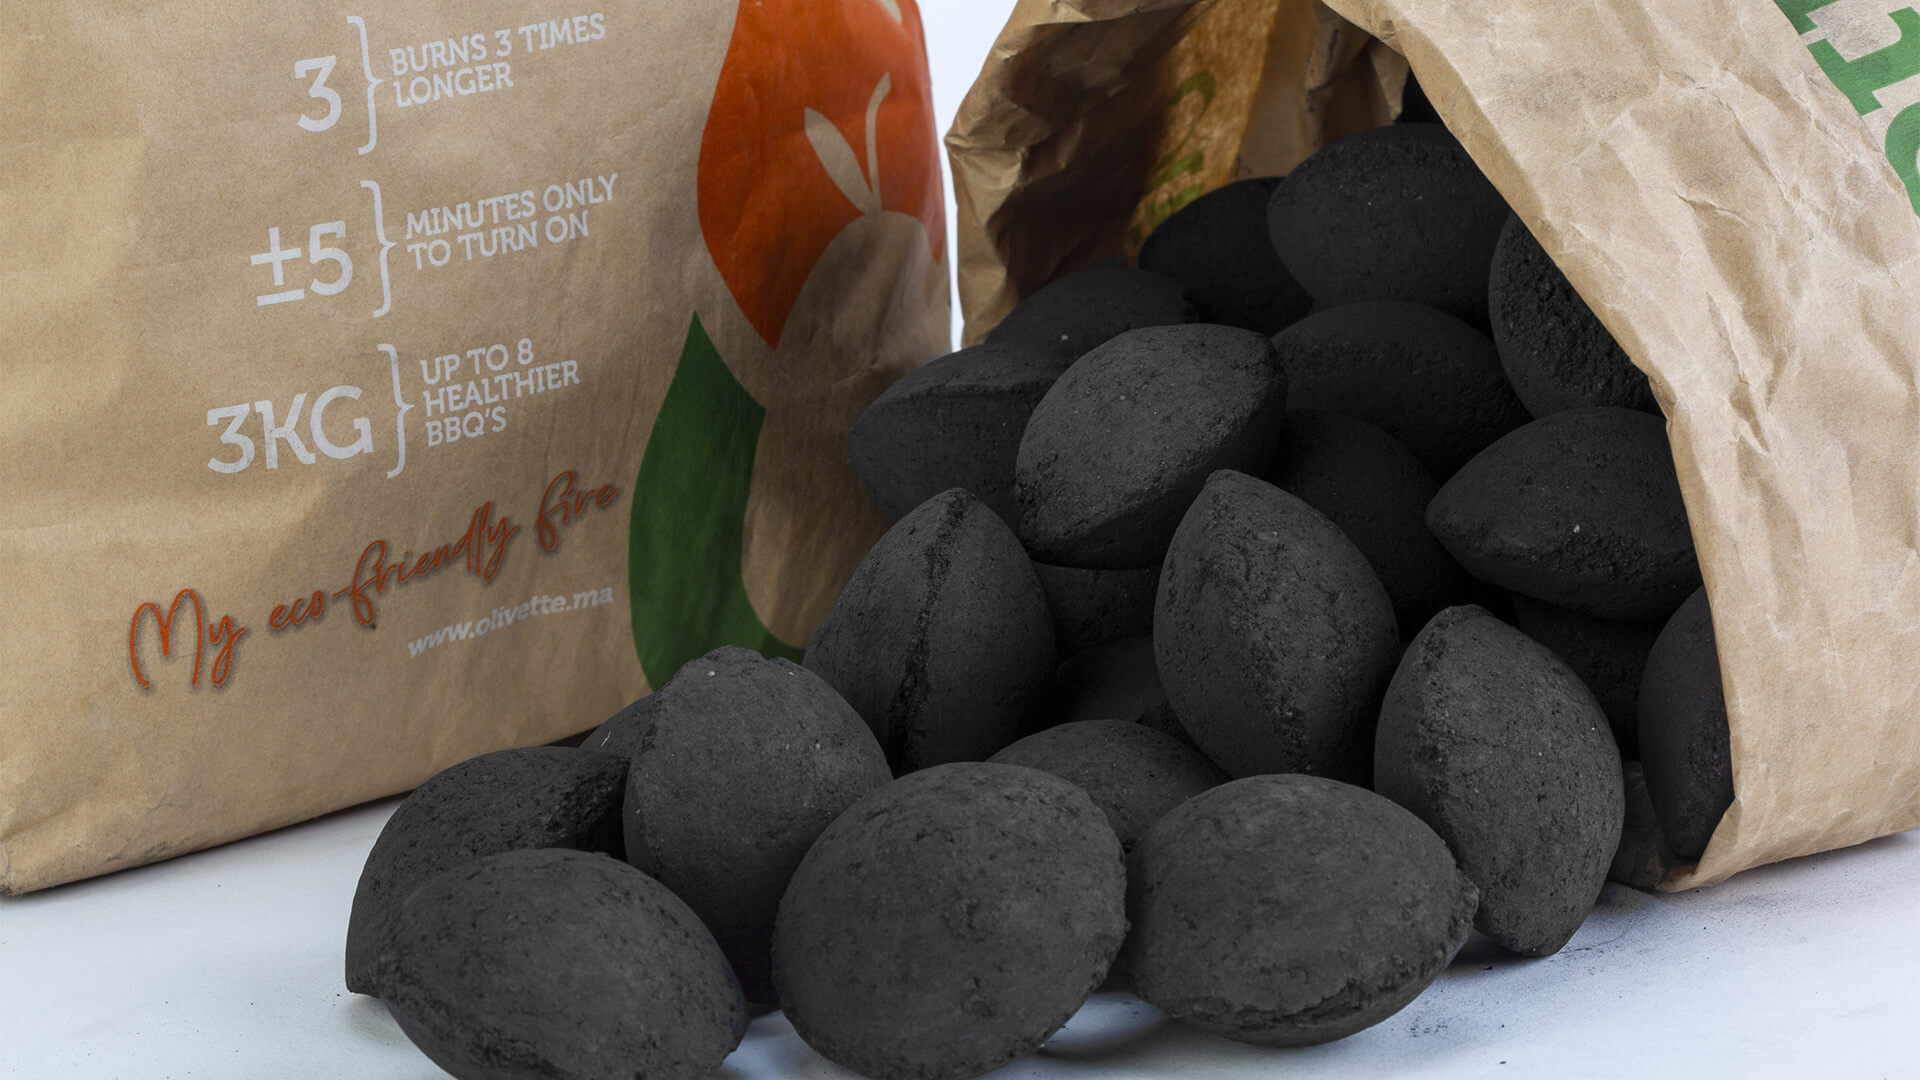 Lancement des briquettes Olivette sur les marchés internationaux!